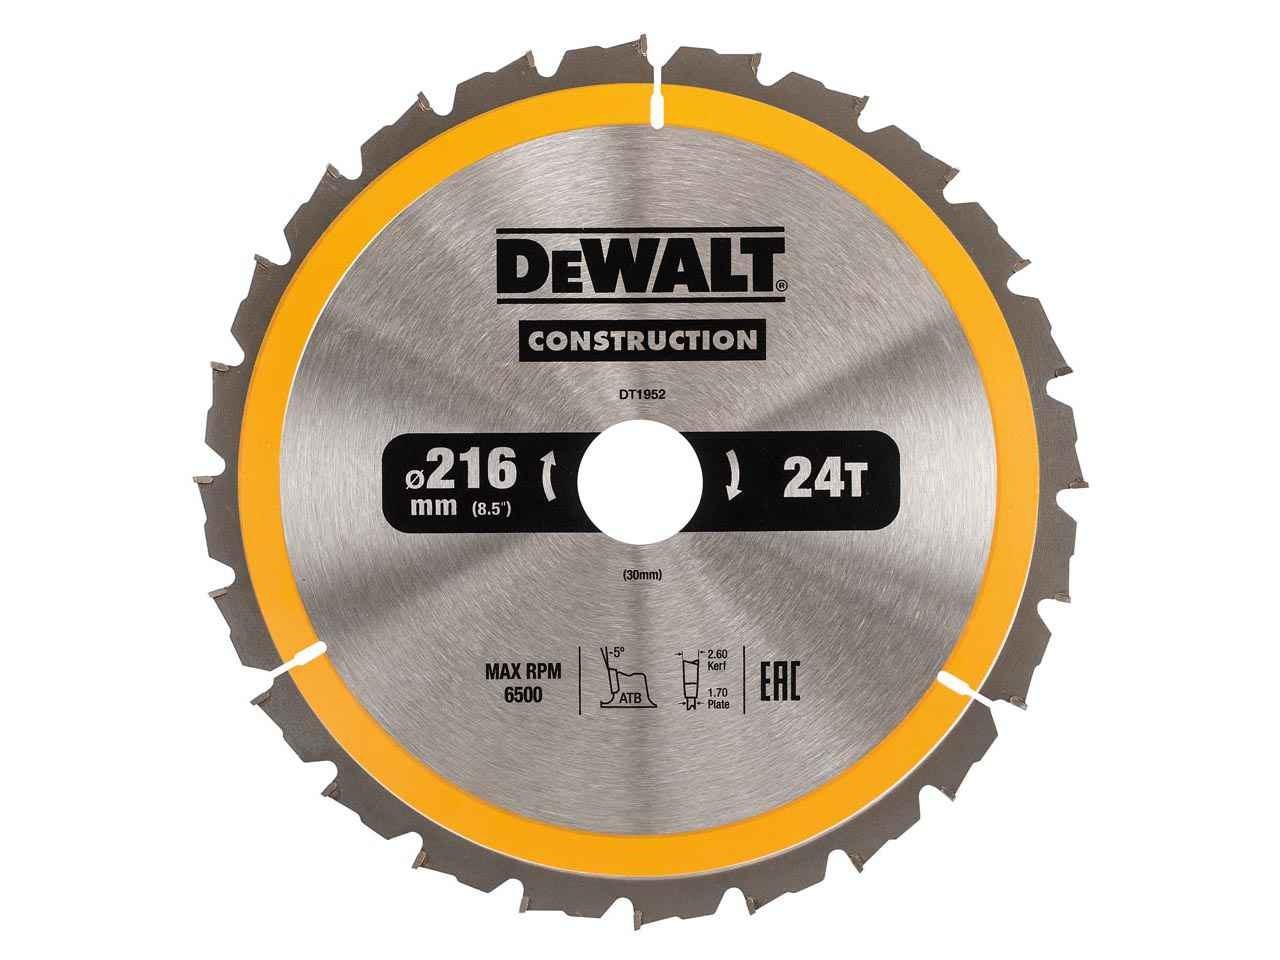 Dewalt dt1952qz construction circular saw blade 216mm x 30mm 24t greentooth Gallery